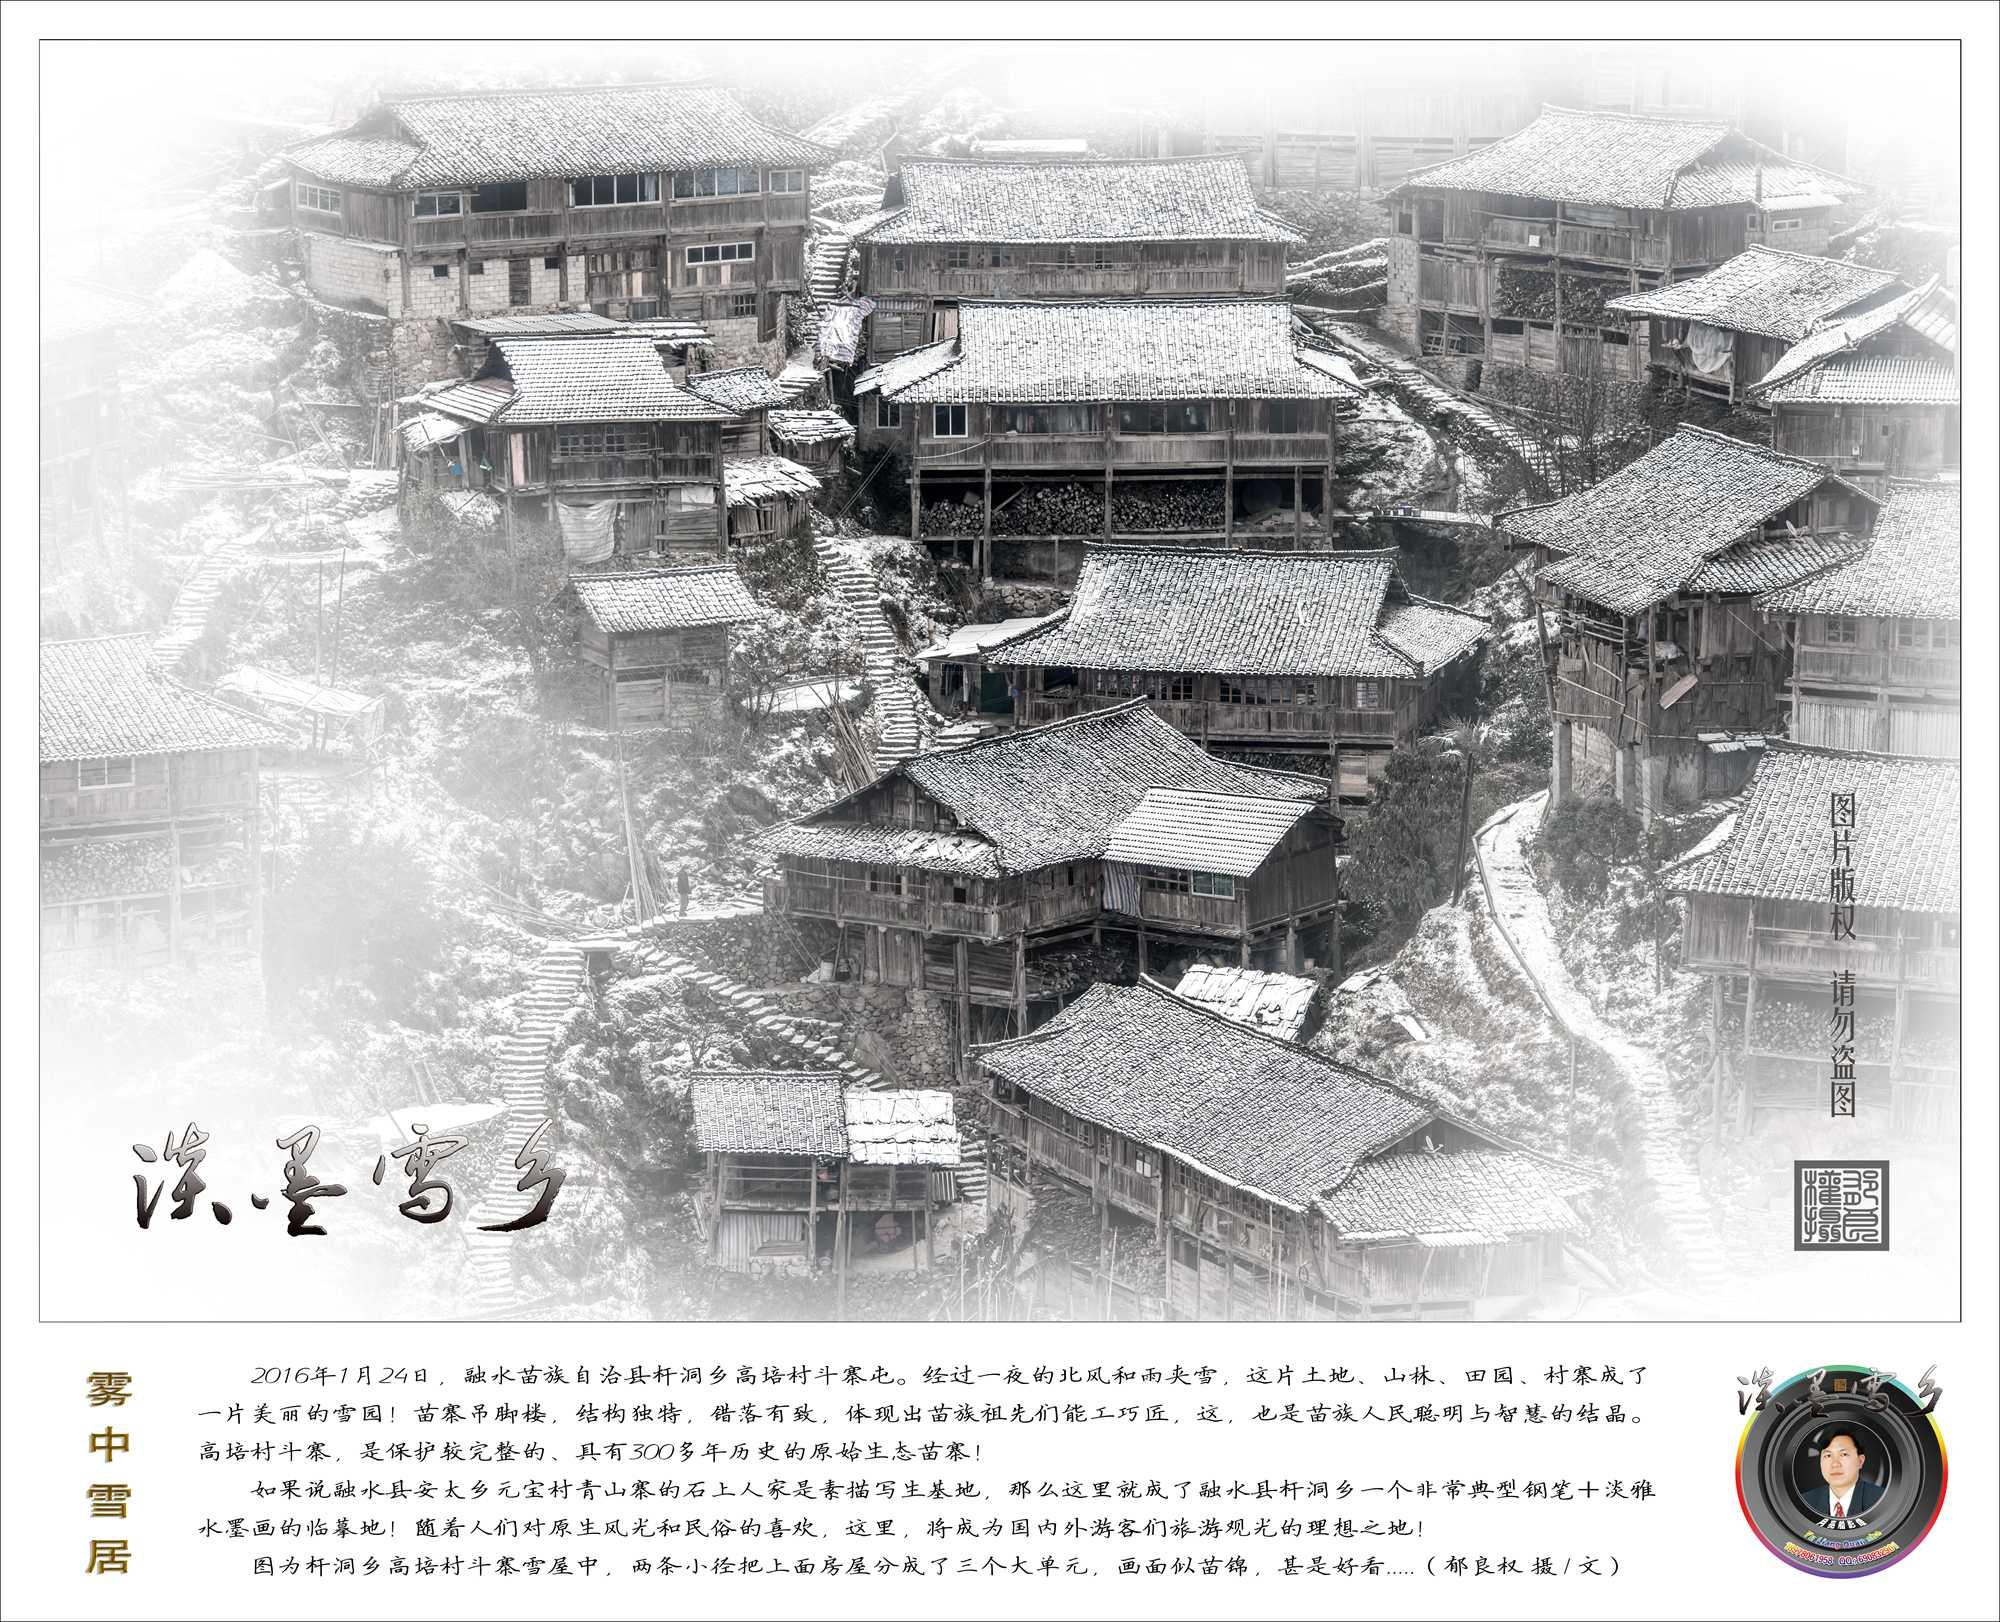 (04)《雾中雪居》_DSC9681(作品美).jpg